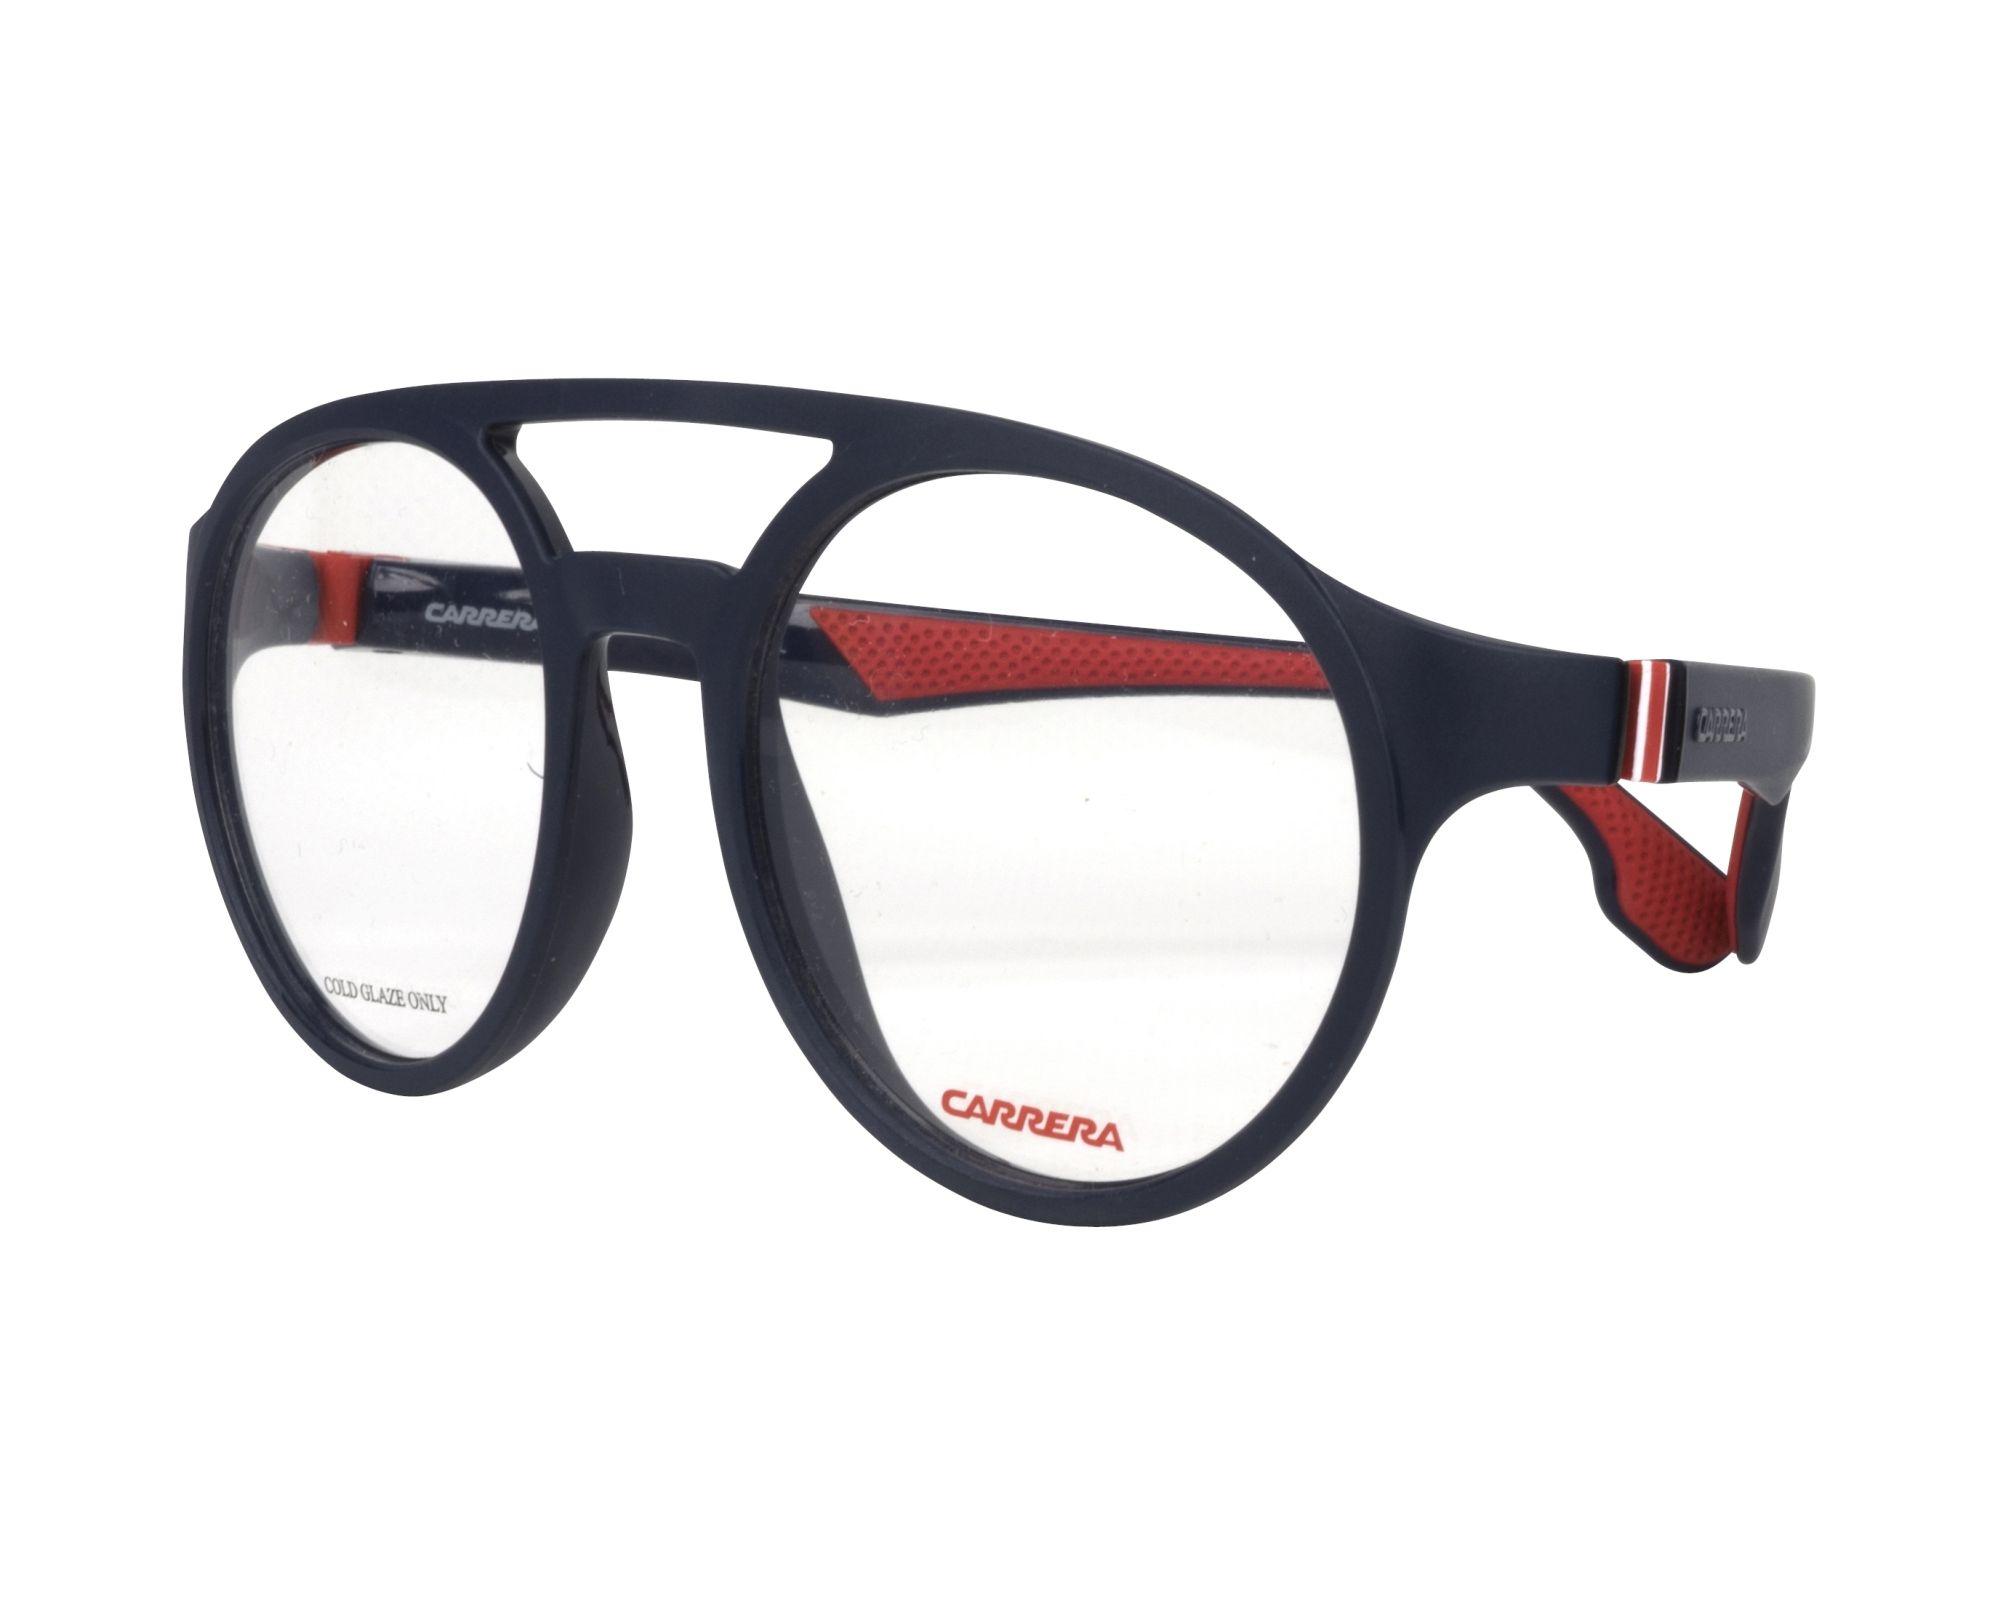 eyeglasses Carrera 5548-V FLL 51-19 Blue Red profile view dacc6b7e2f0